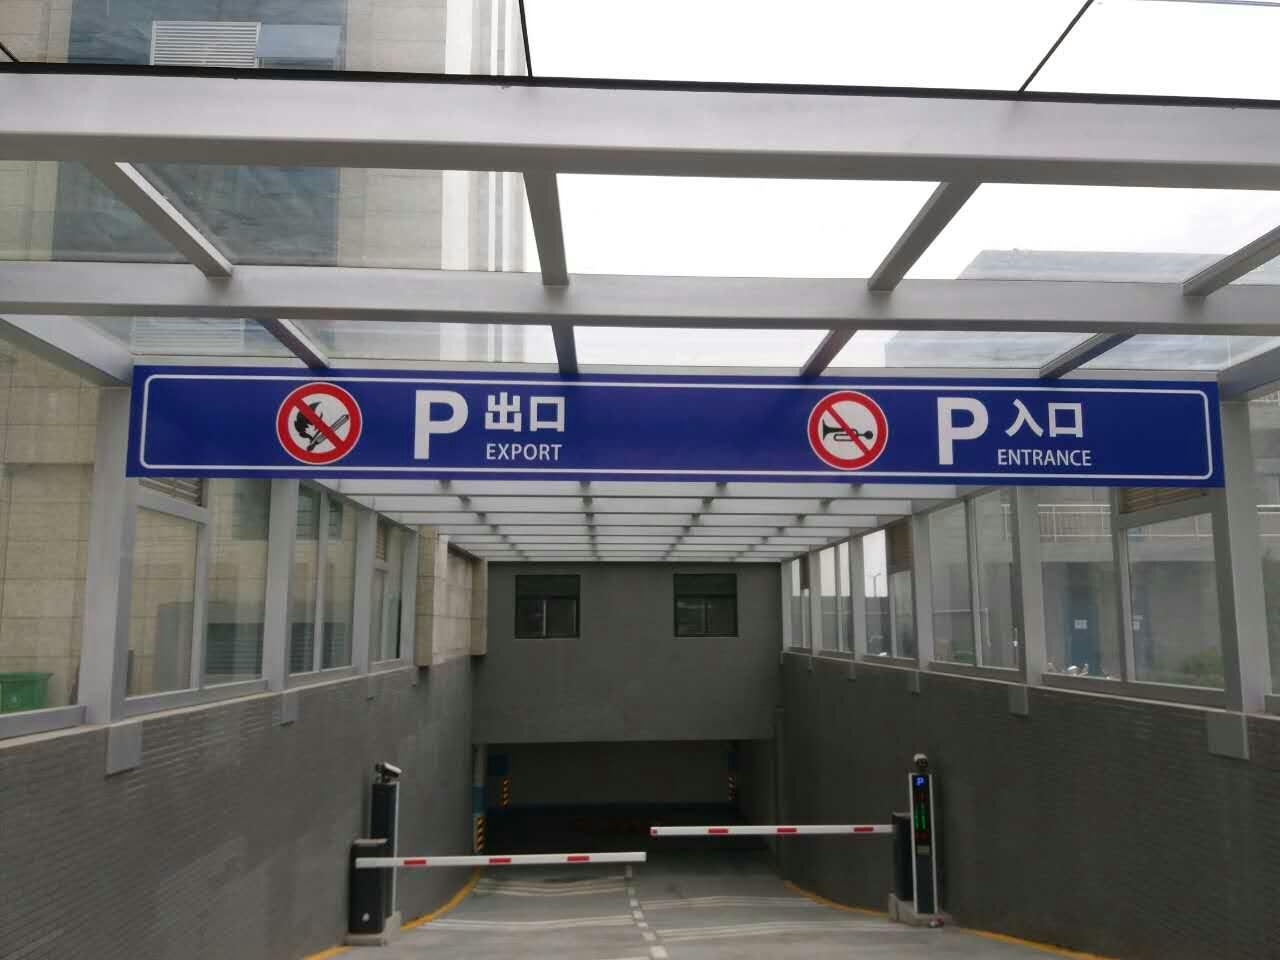 西安地下停车出口入口标牌标识